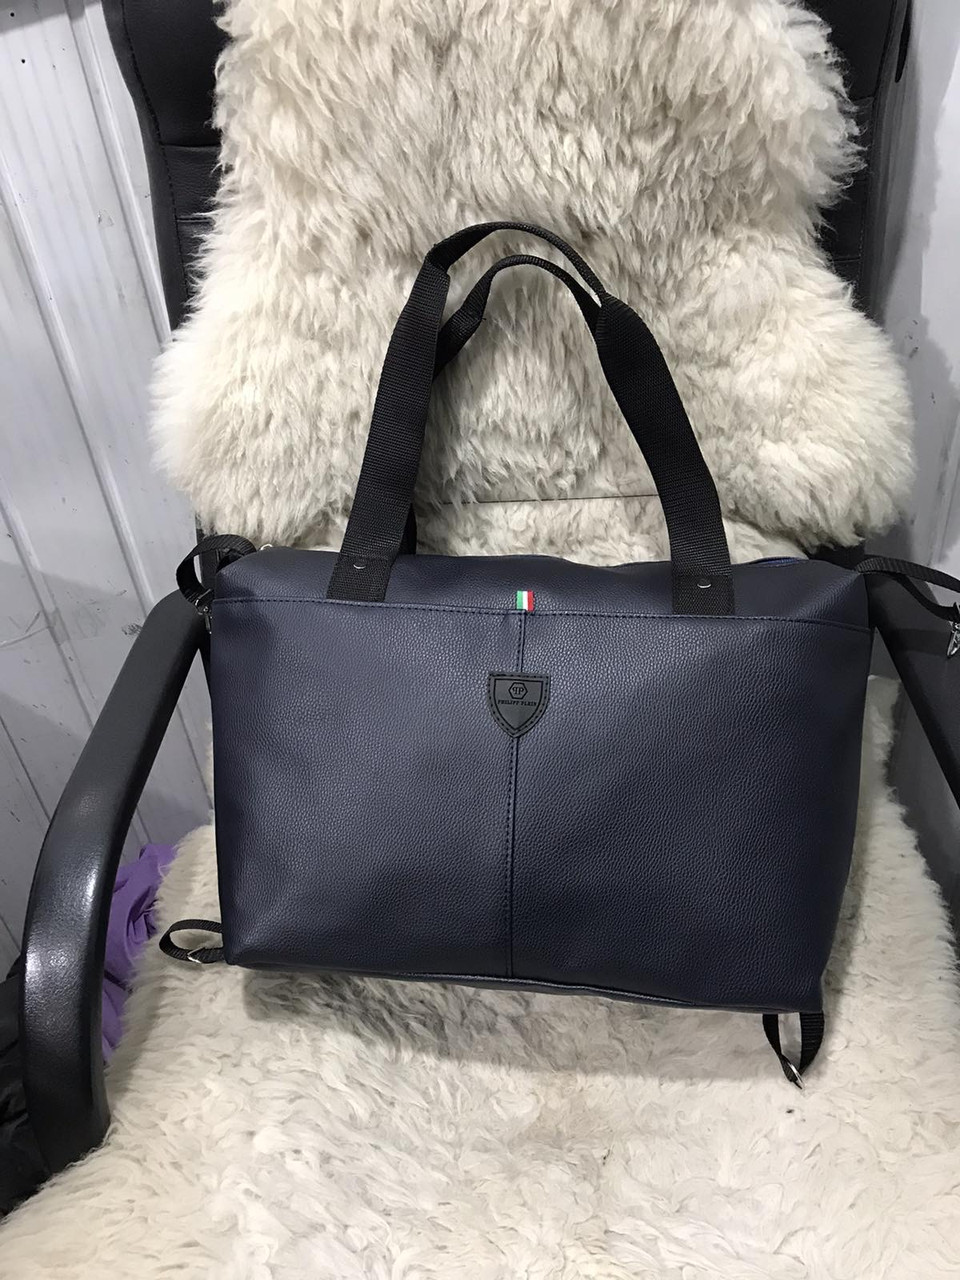 Женская дорожная сумка искусственная кожа темно-синяя